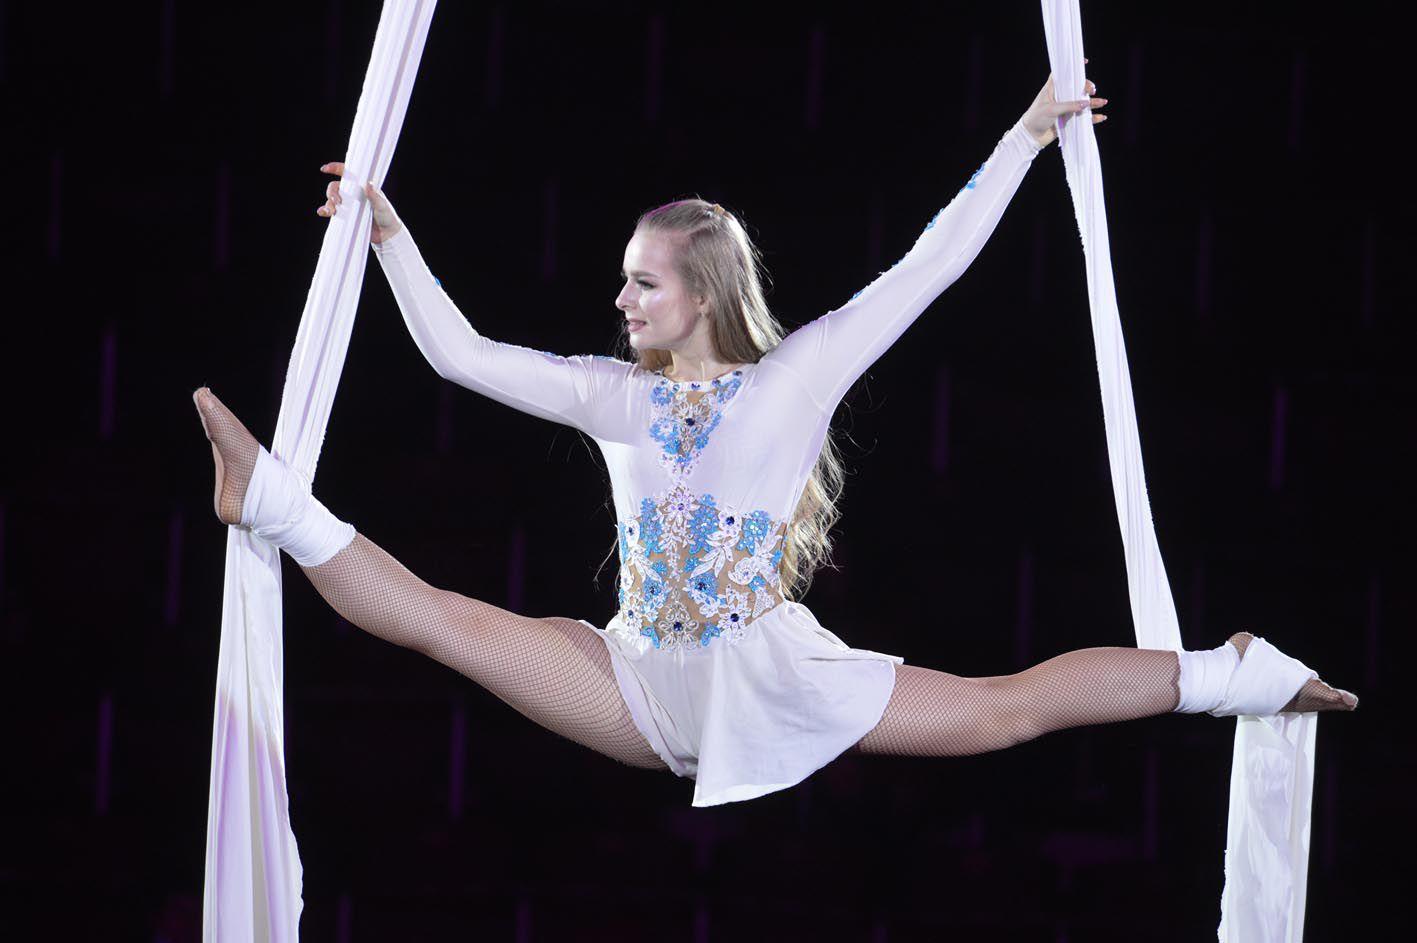 Киев: Главная цирковая арена  празднует юбилей